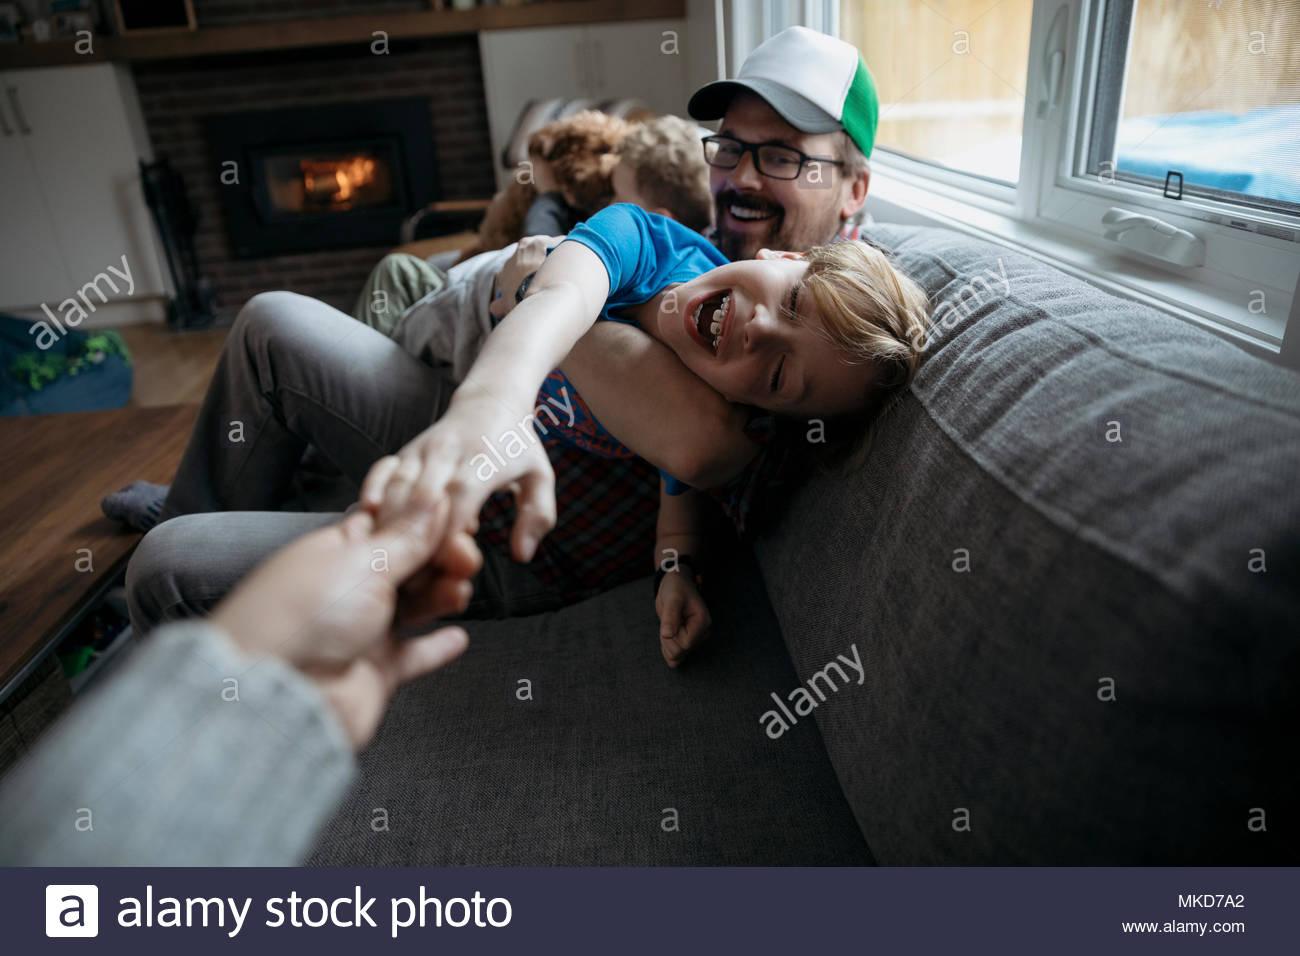 Persönliche Perspektive Familie spielen auf Sofa im Wohnzimmer Stockbild